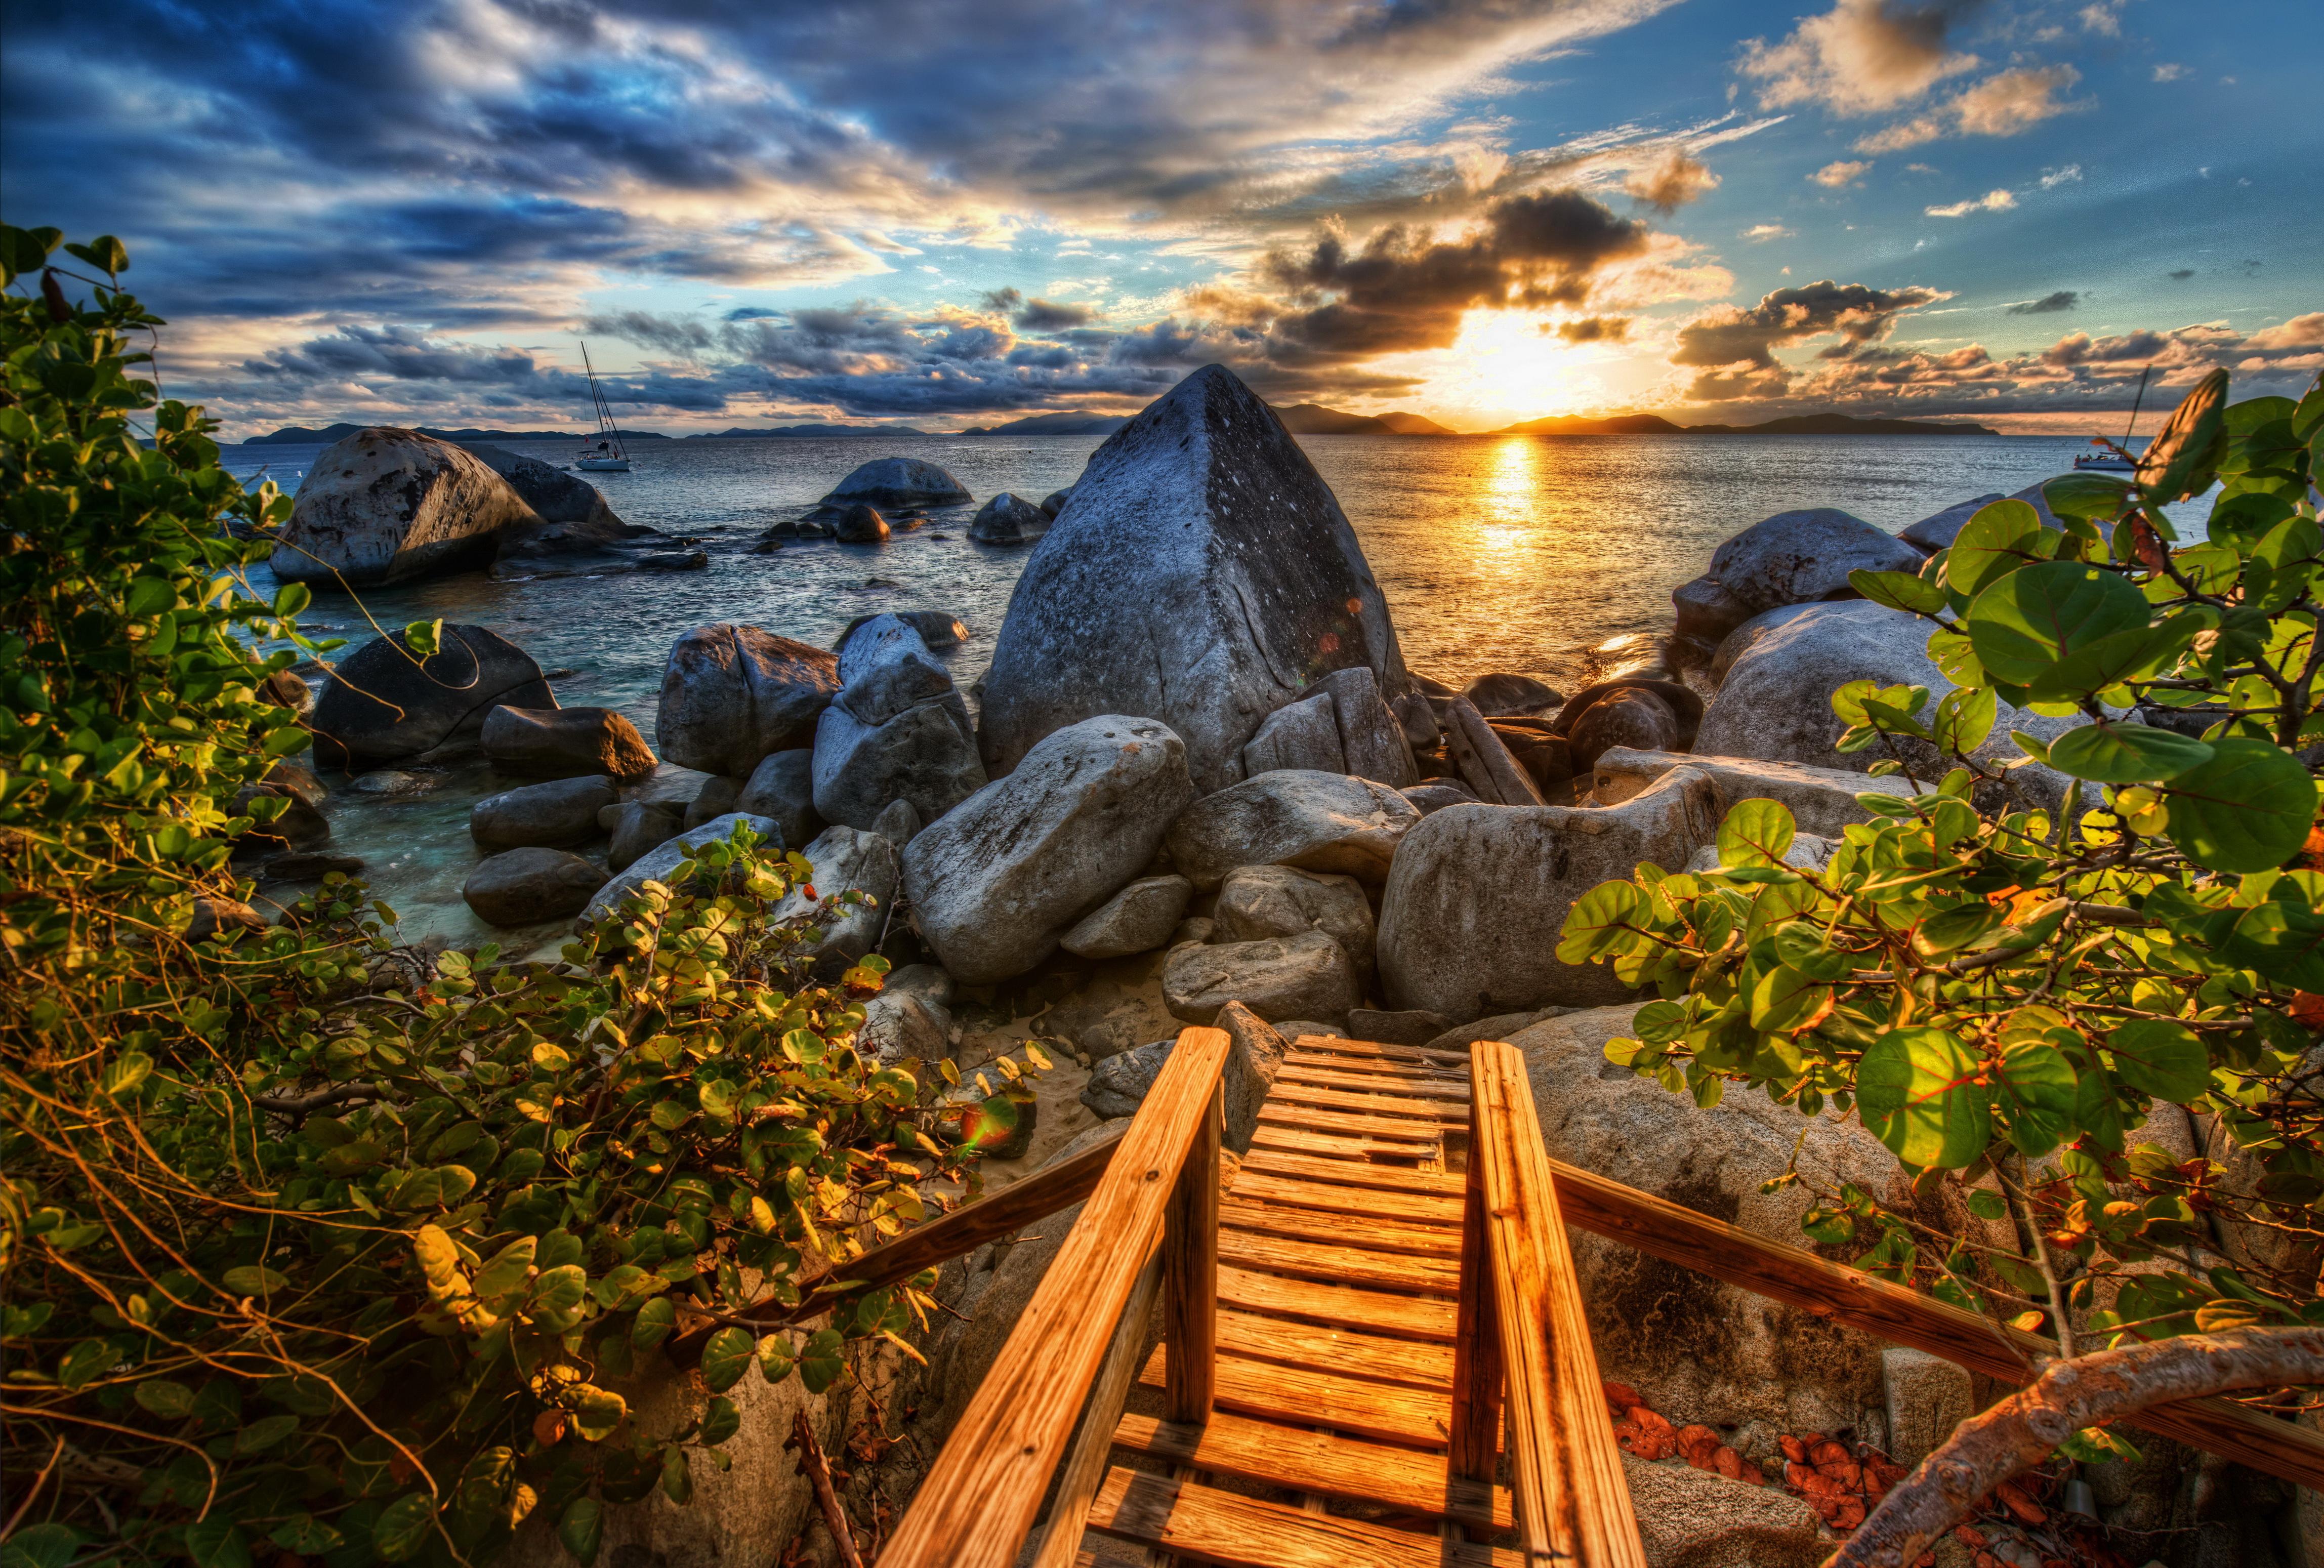 море склон камни  № 1569215 бесплатно